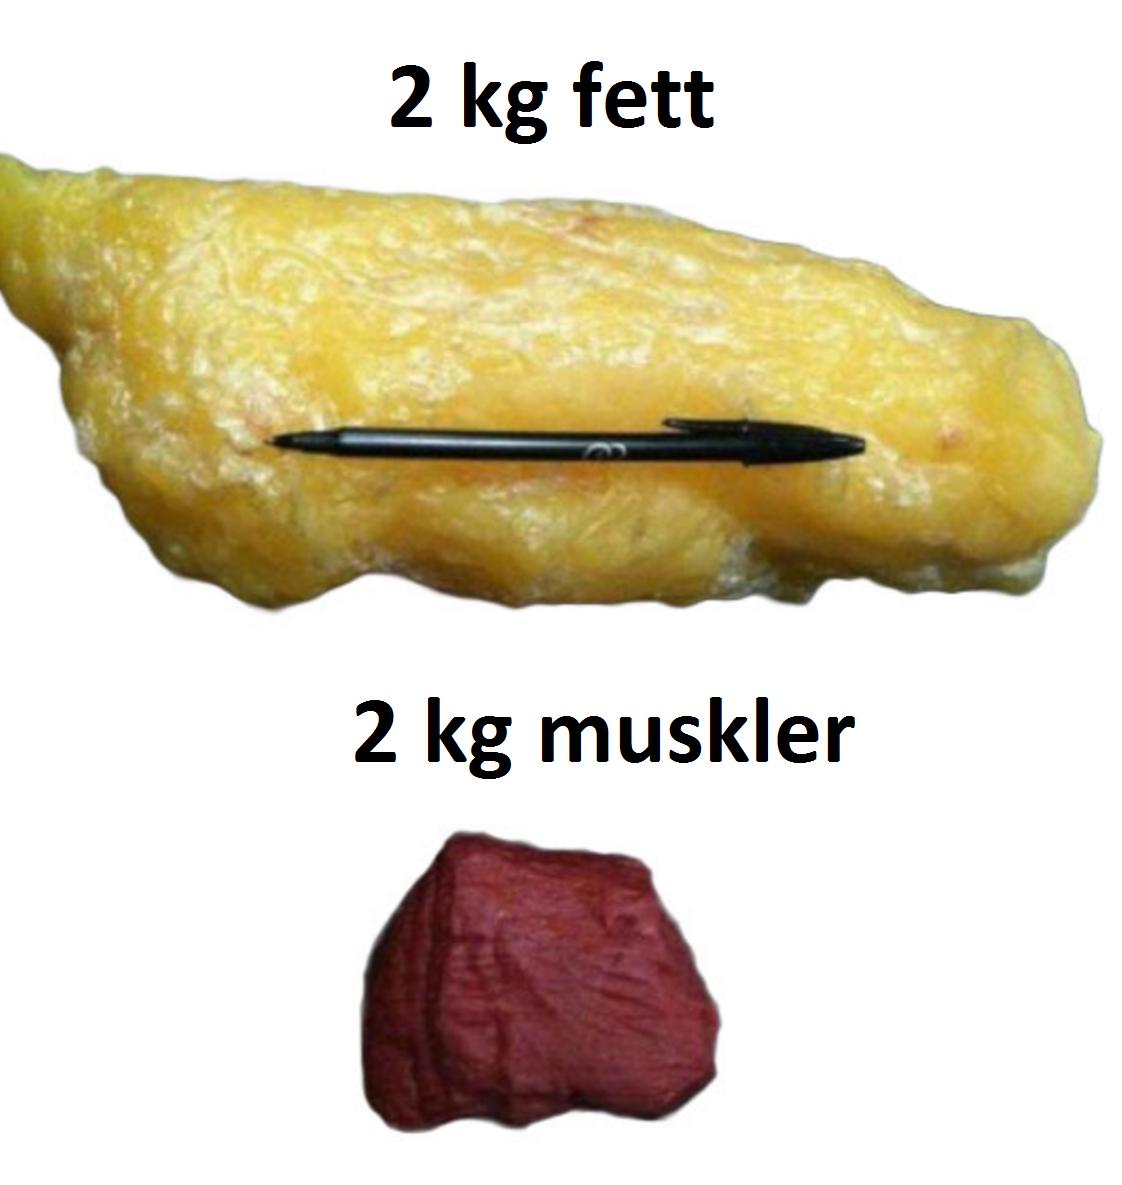 Sant att muskler väger mer än fett